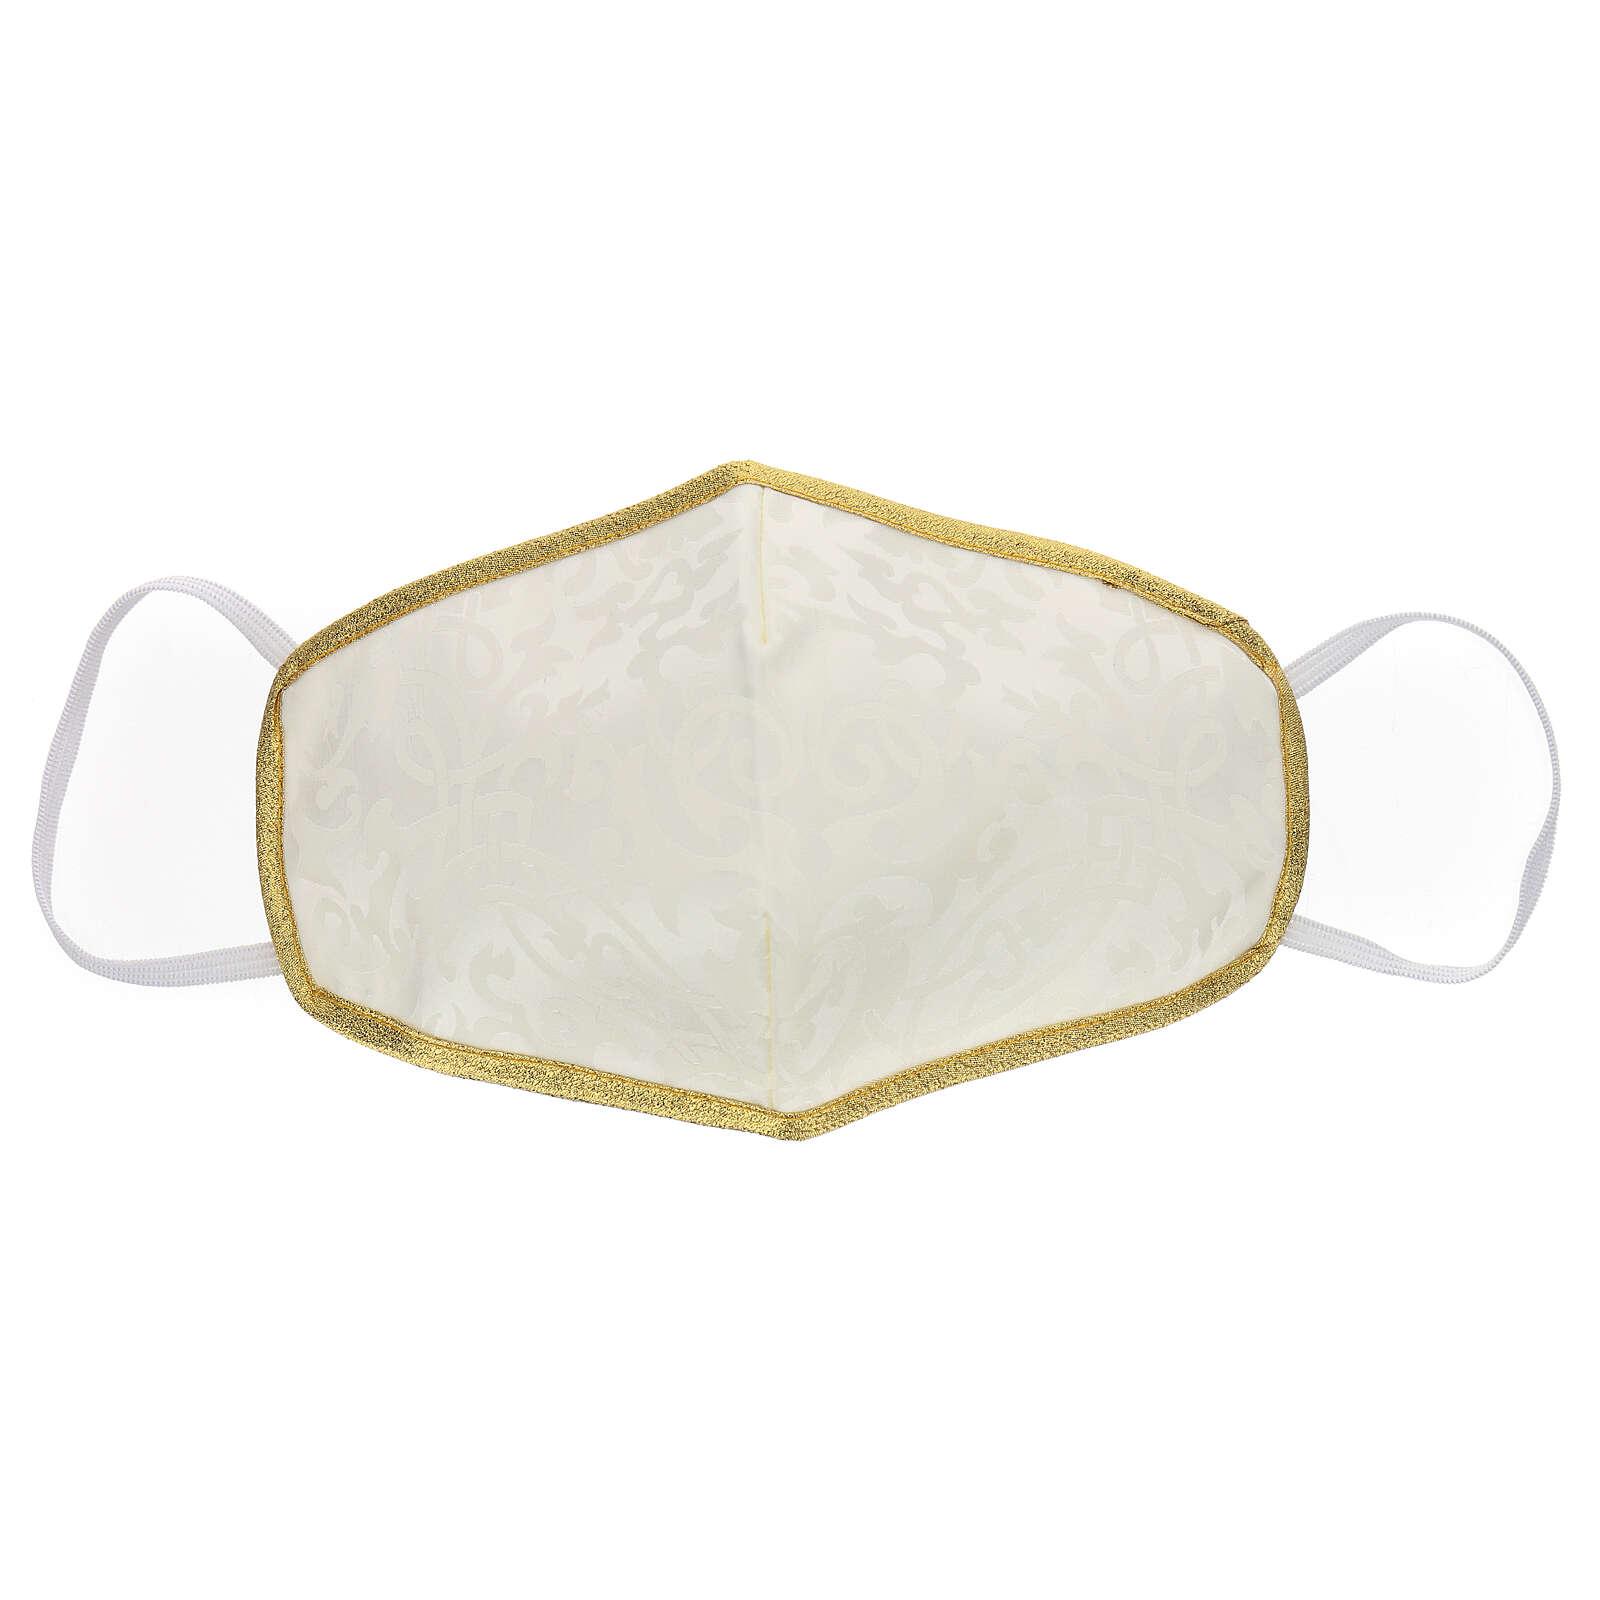 Maseczka z tkaniny nadającej się do prania kość słoniowa/złoty 3